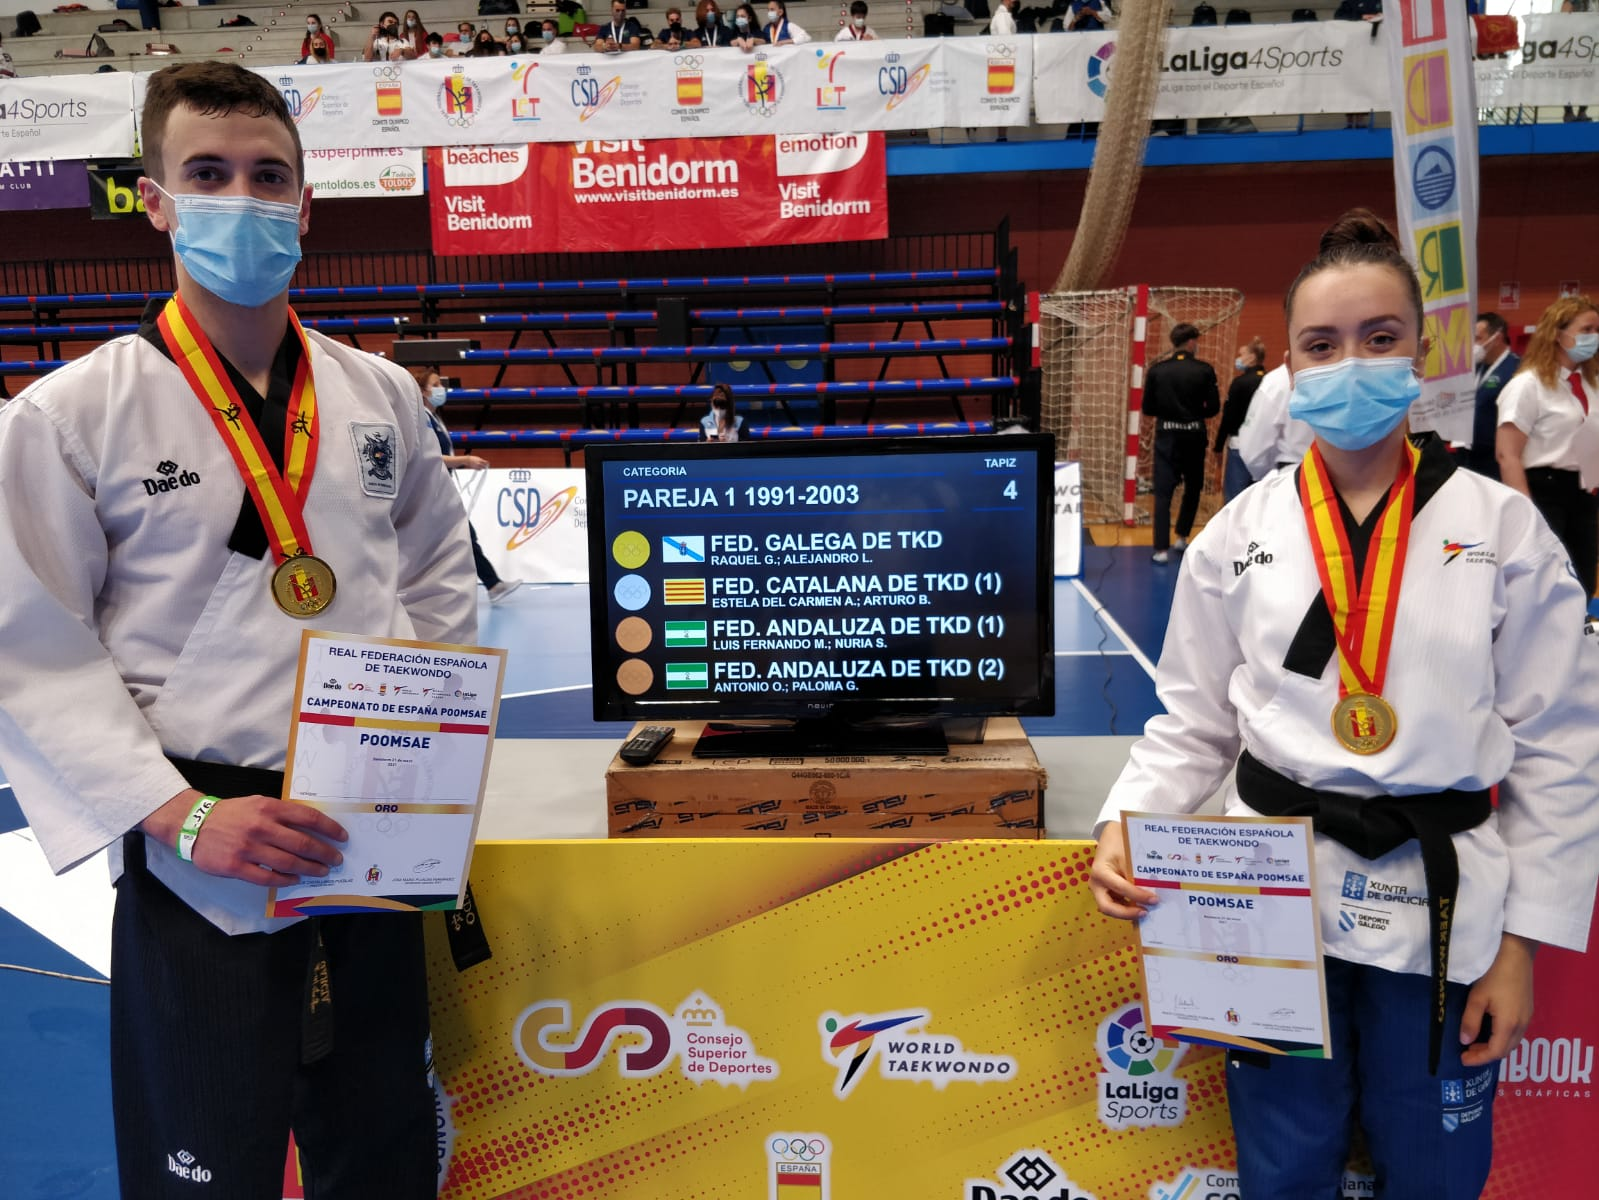 Ouro en parella da Selección Galega de taekwondo no Campionato de España / FG TAEKWONDO